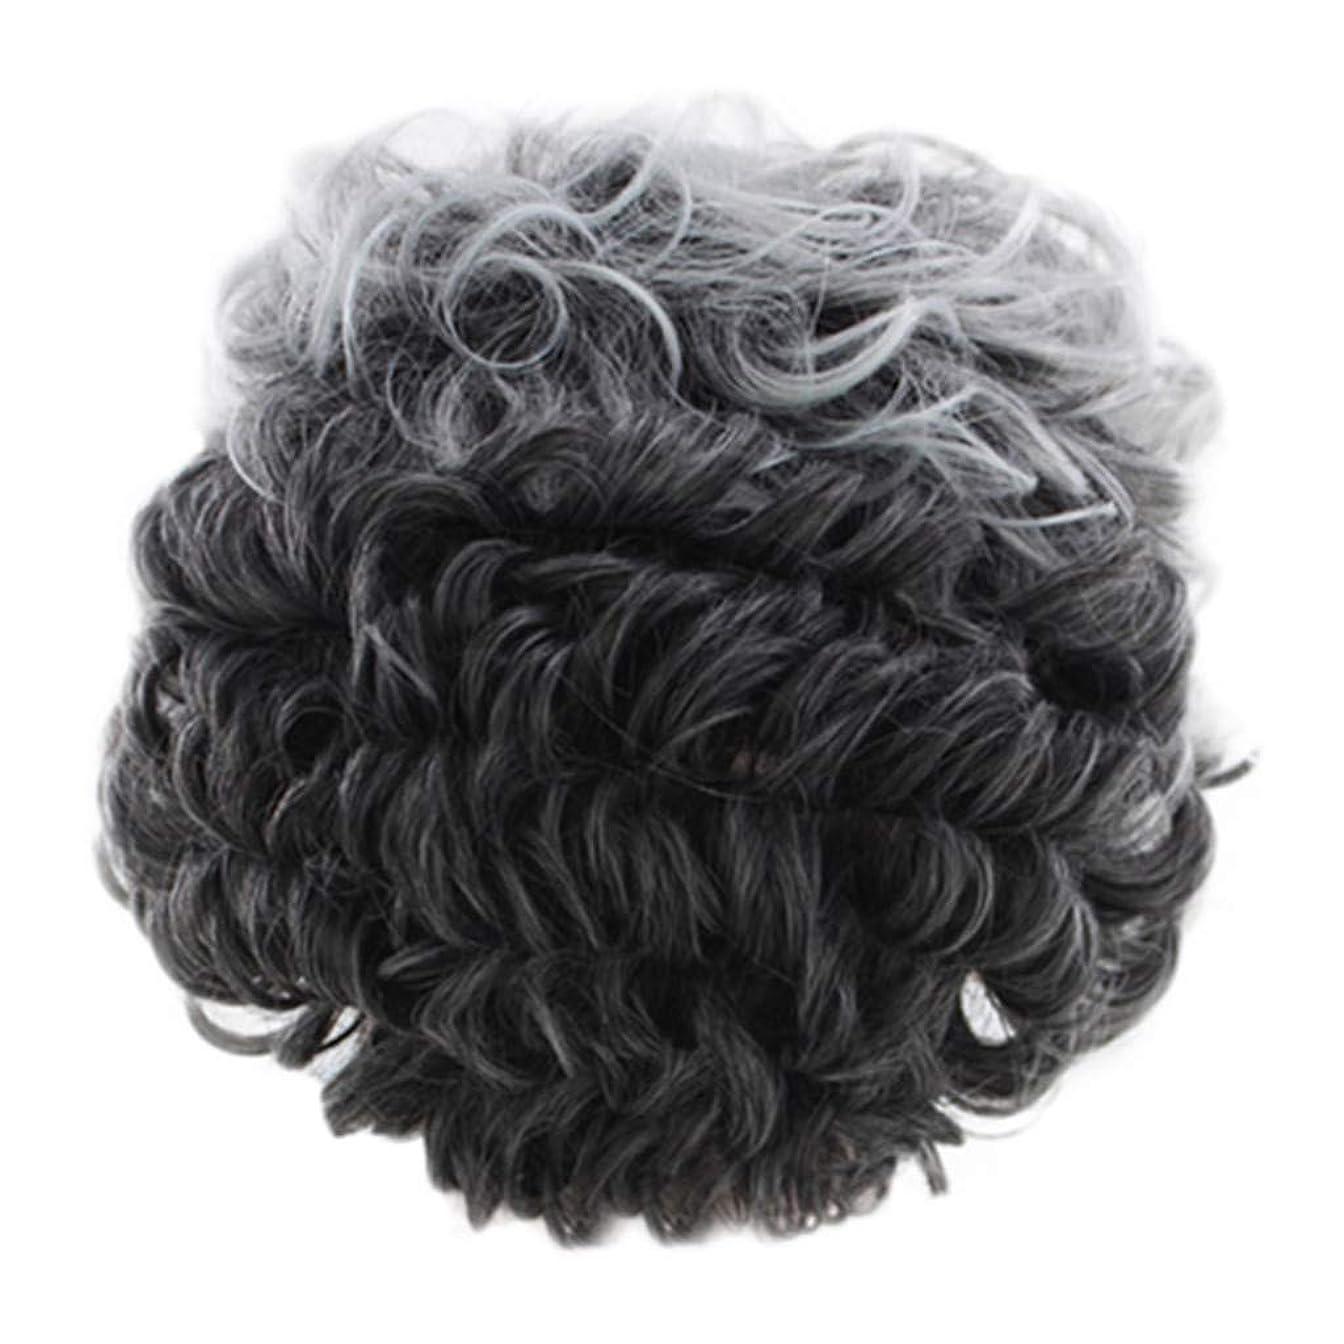 線チャンバー判定女性のかつらグレー短い巻き毛のファッションセクシーなかつらローズネット